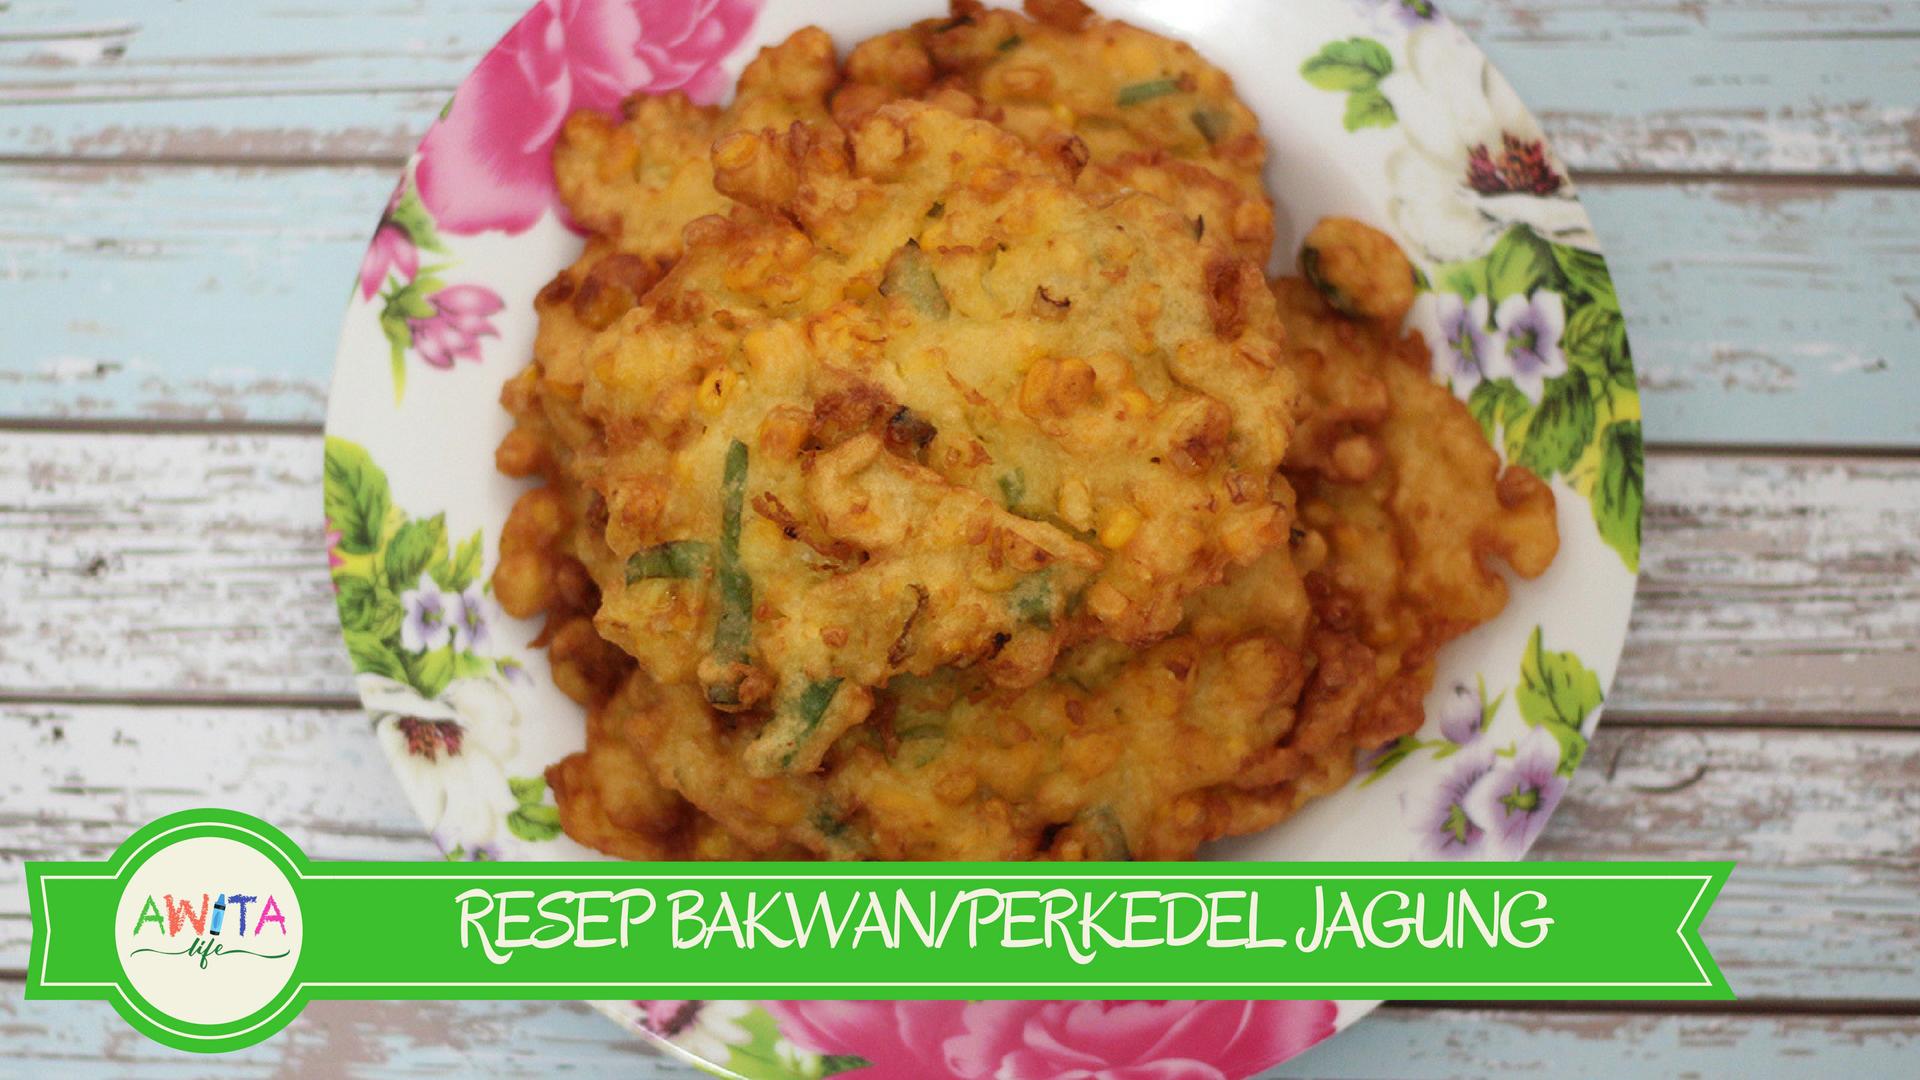 Resep Bakwan/Perkedel Jagung